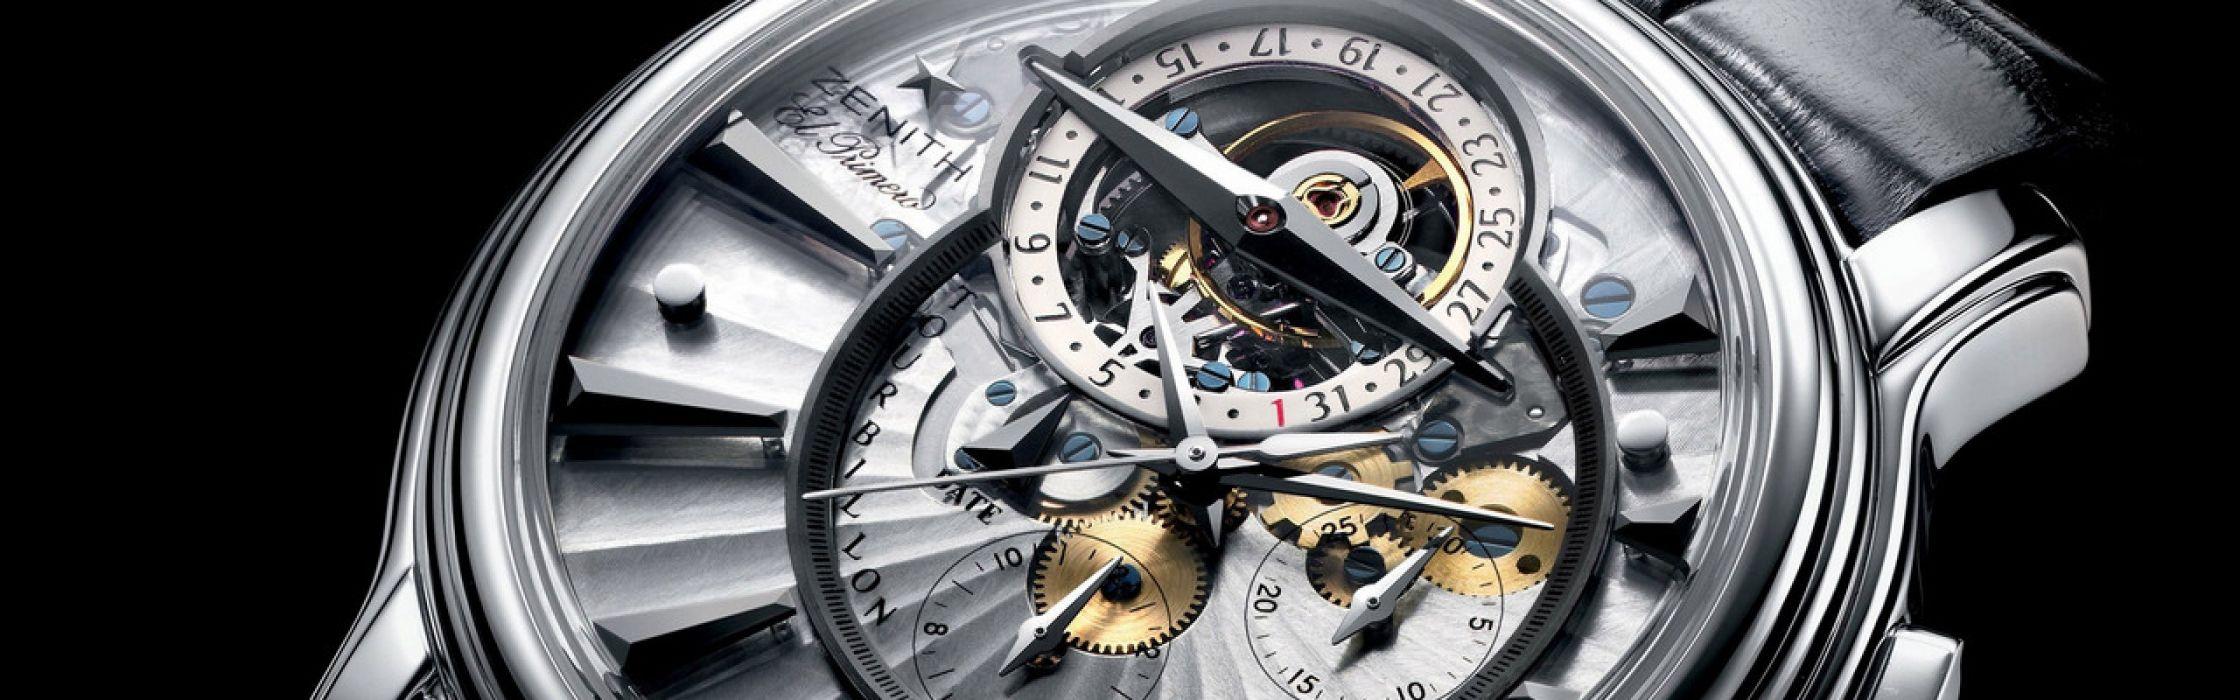 ZENITH watch clock time (33) wallpaper